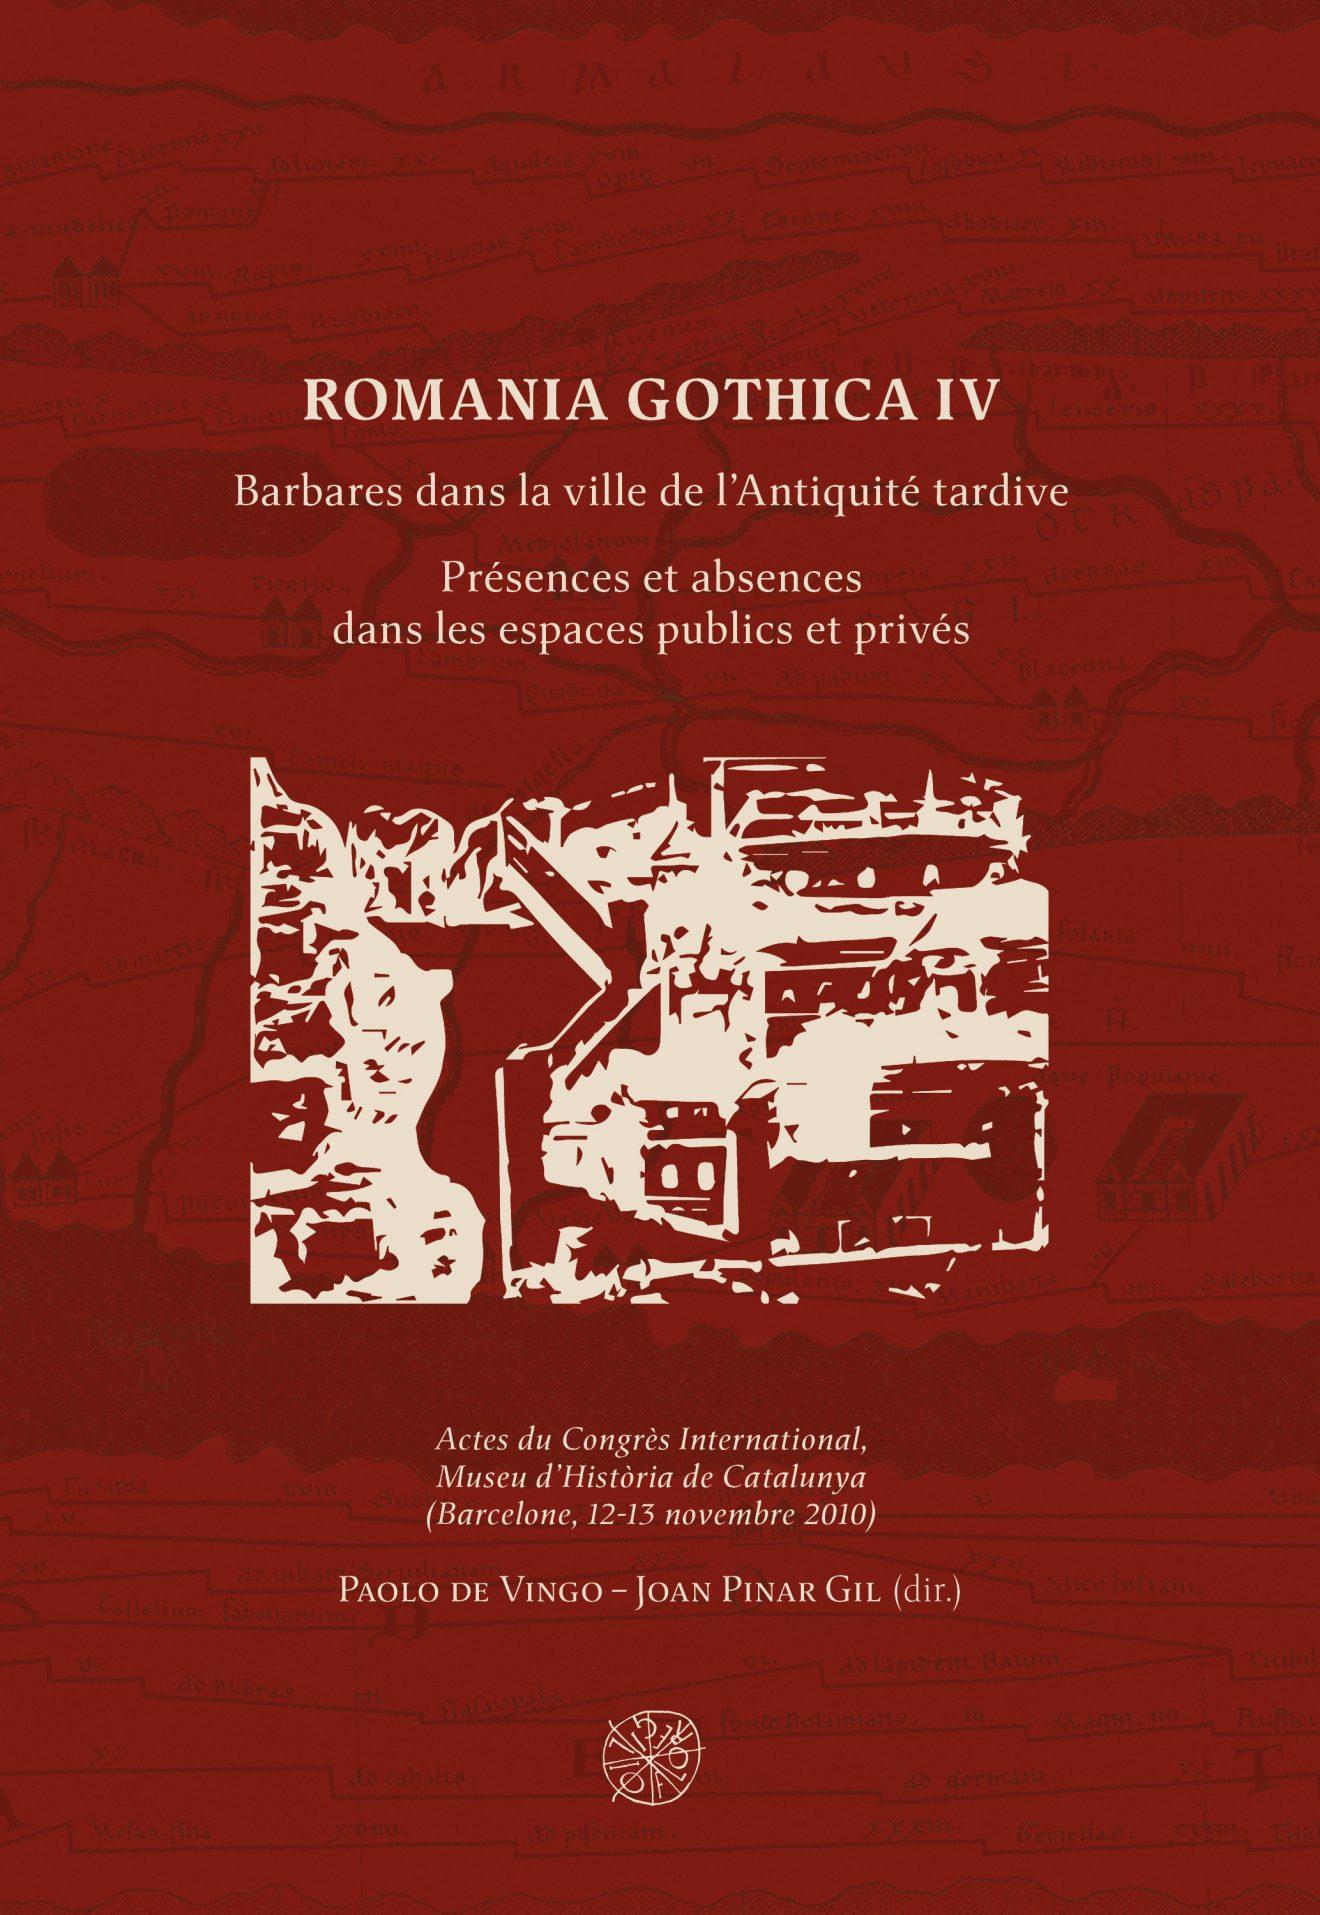 Romania Gothica IV - Barbares dans la ville de l'Antiquité tardive. Présences et absences dans les espaces publics et privés